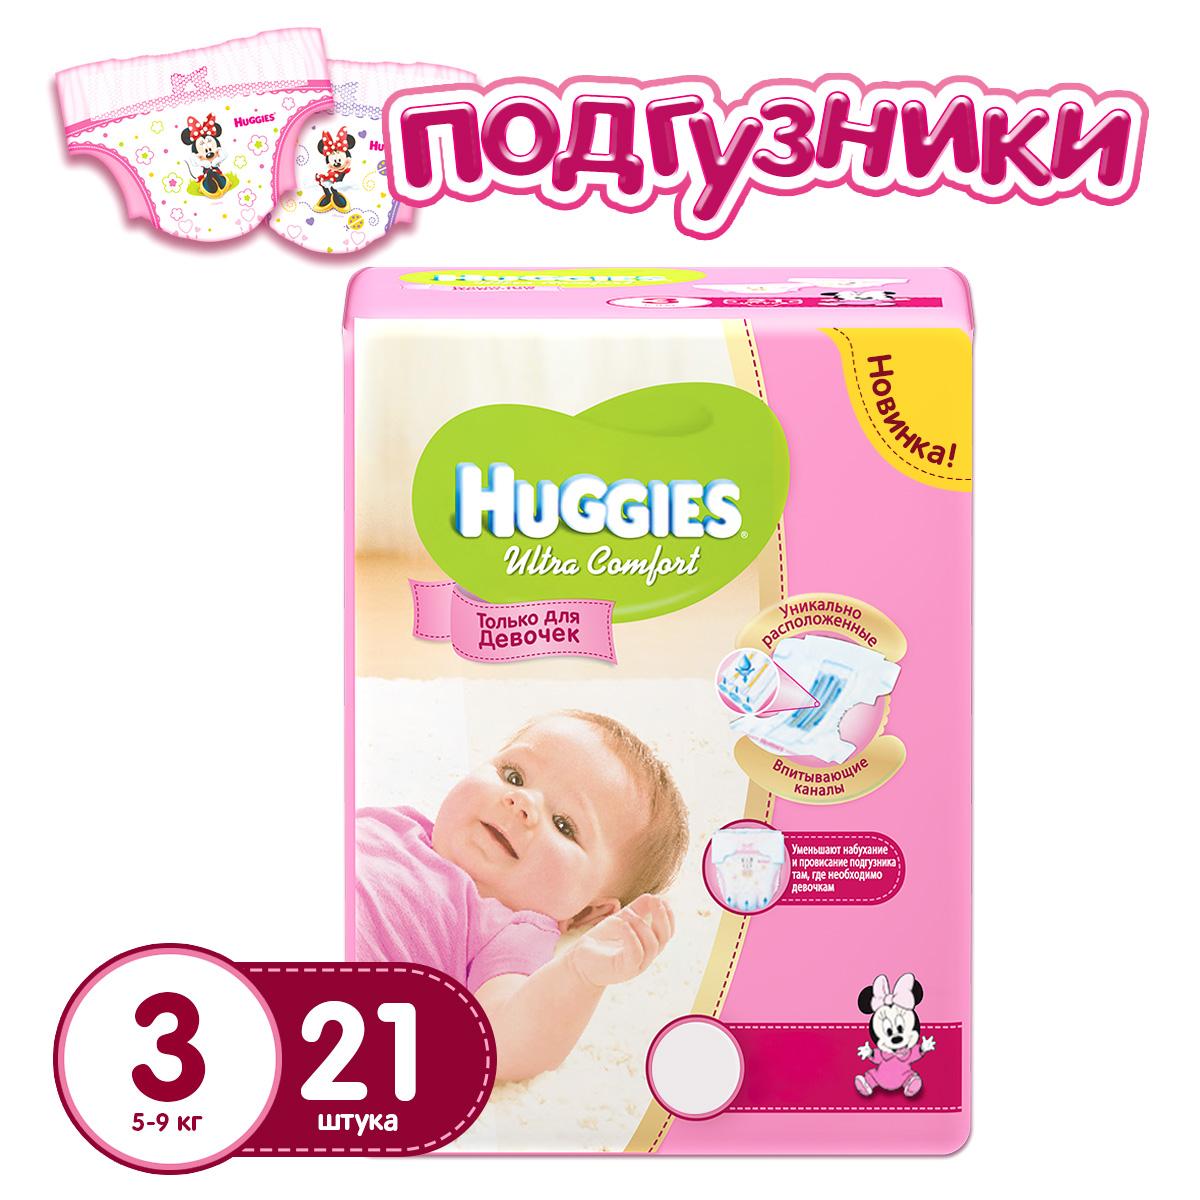 Подгузники Huggies Ultra Comfort Conv Pack для девочек 5-9 кг (21 шт) Размер 3<br>